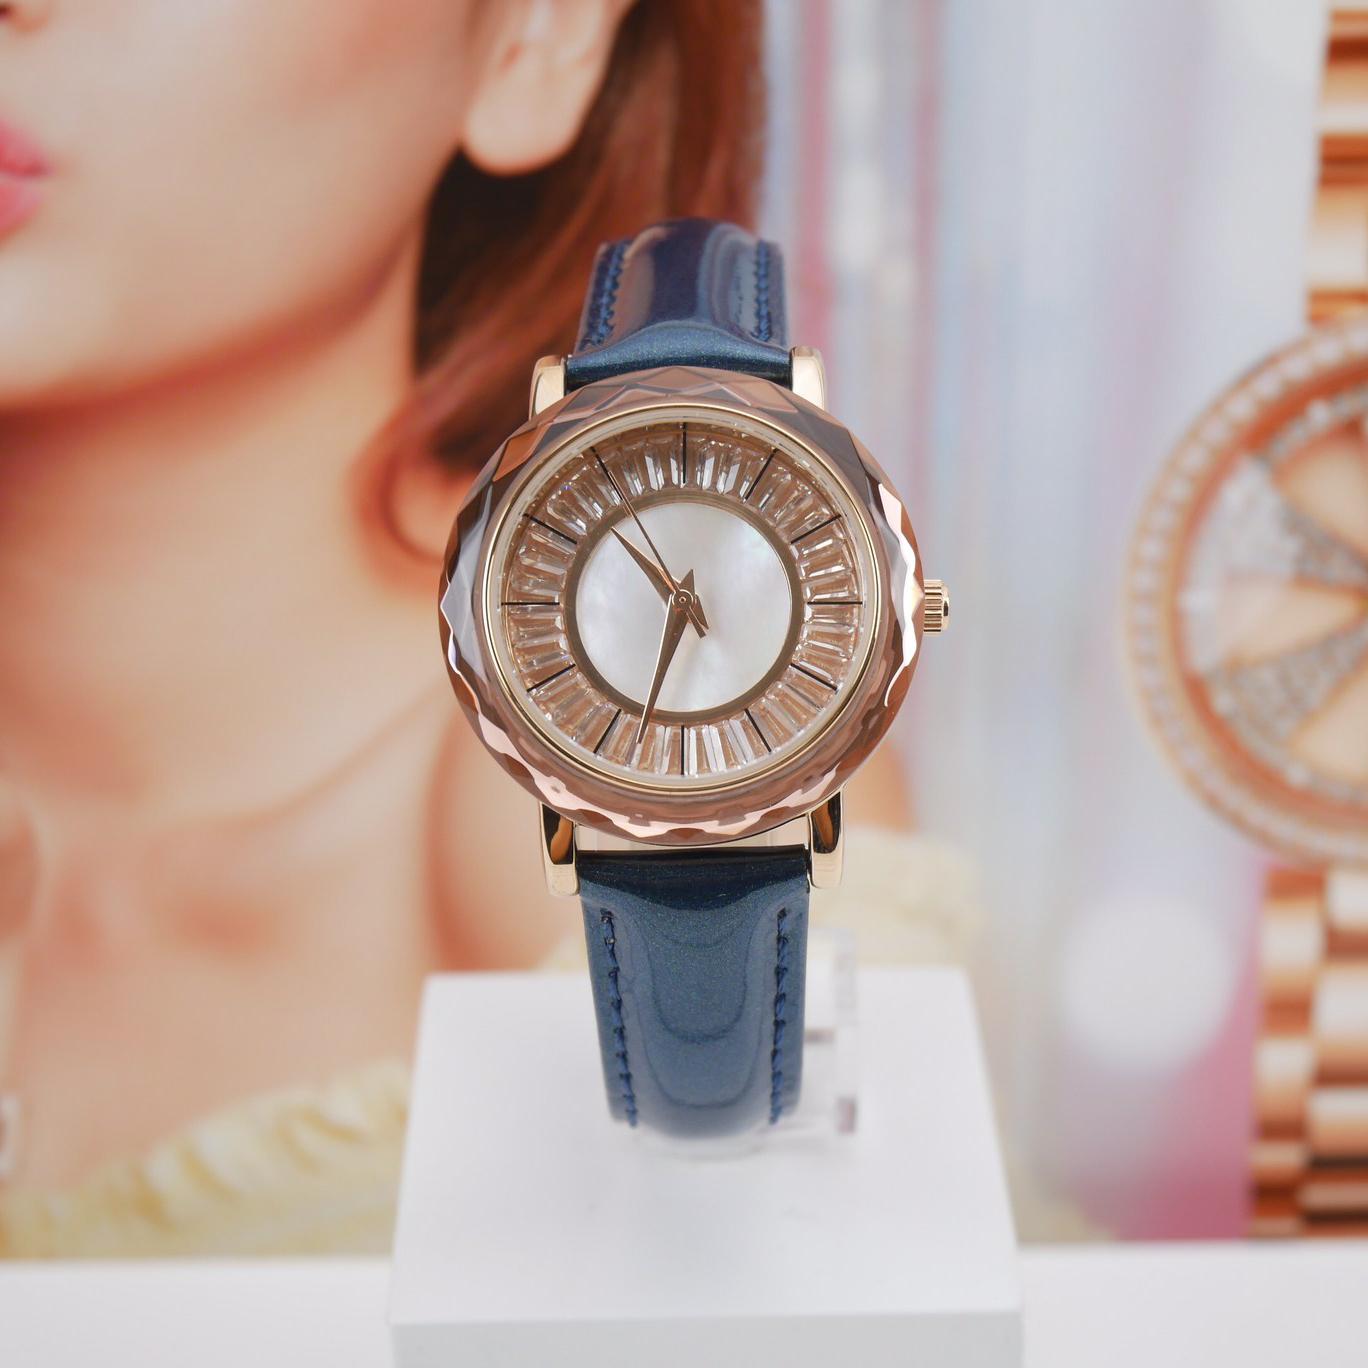 นาฬิกาข้อมือผู้หญิง MISHALI M19042L B